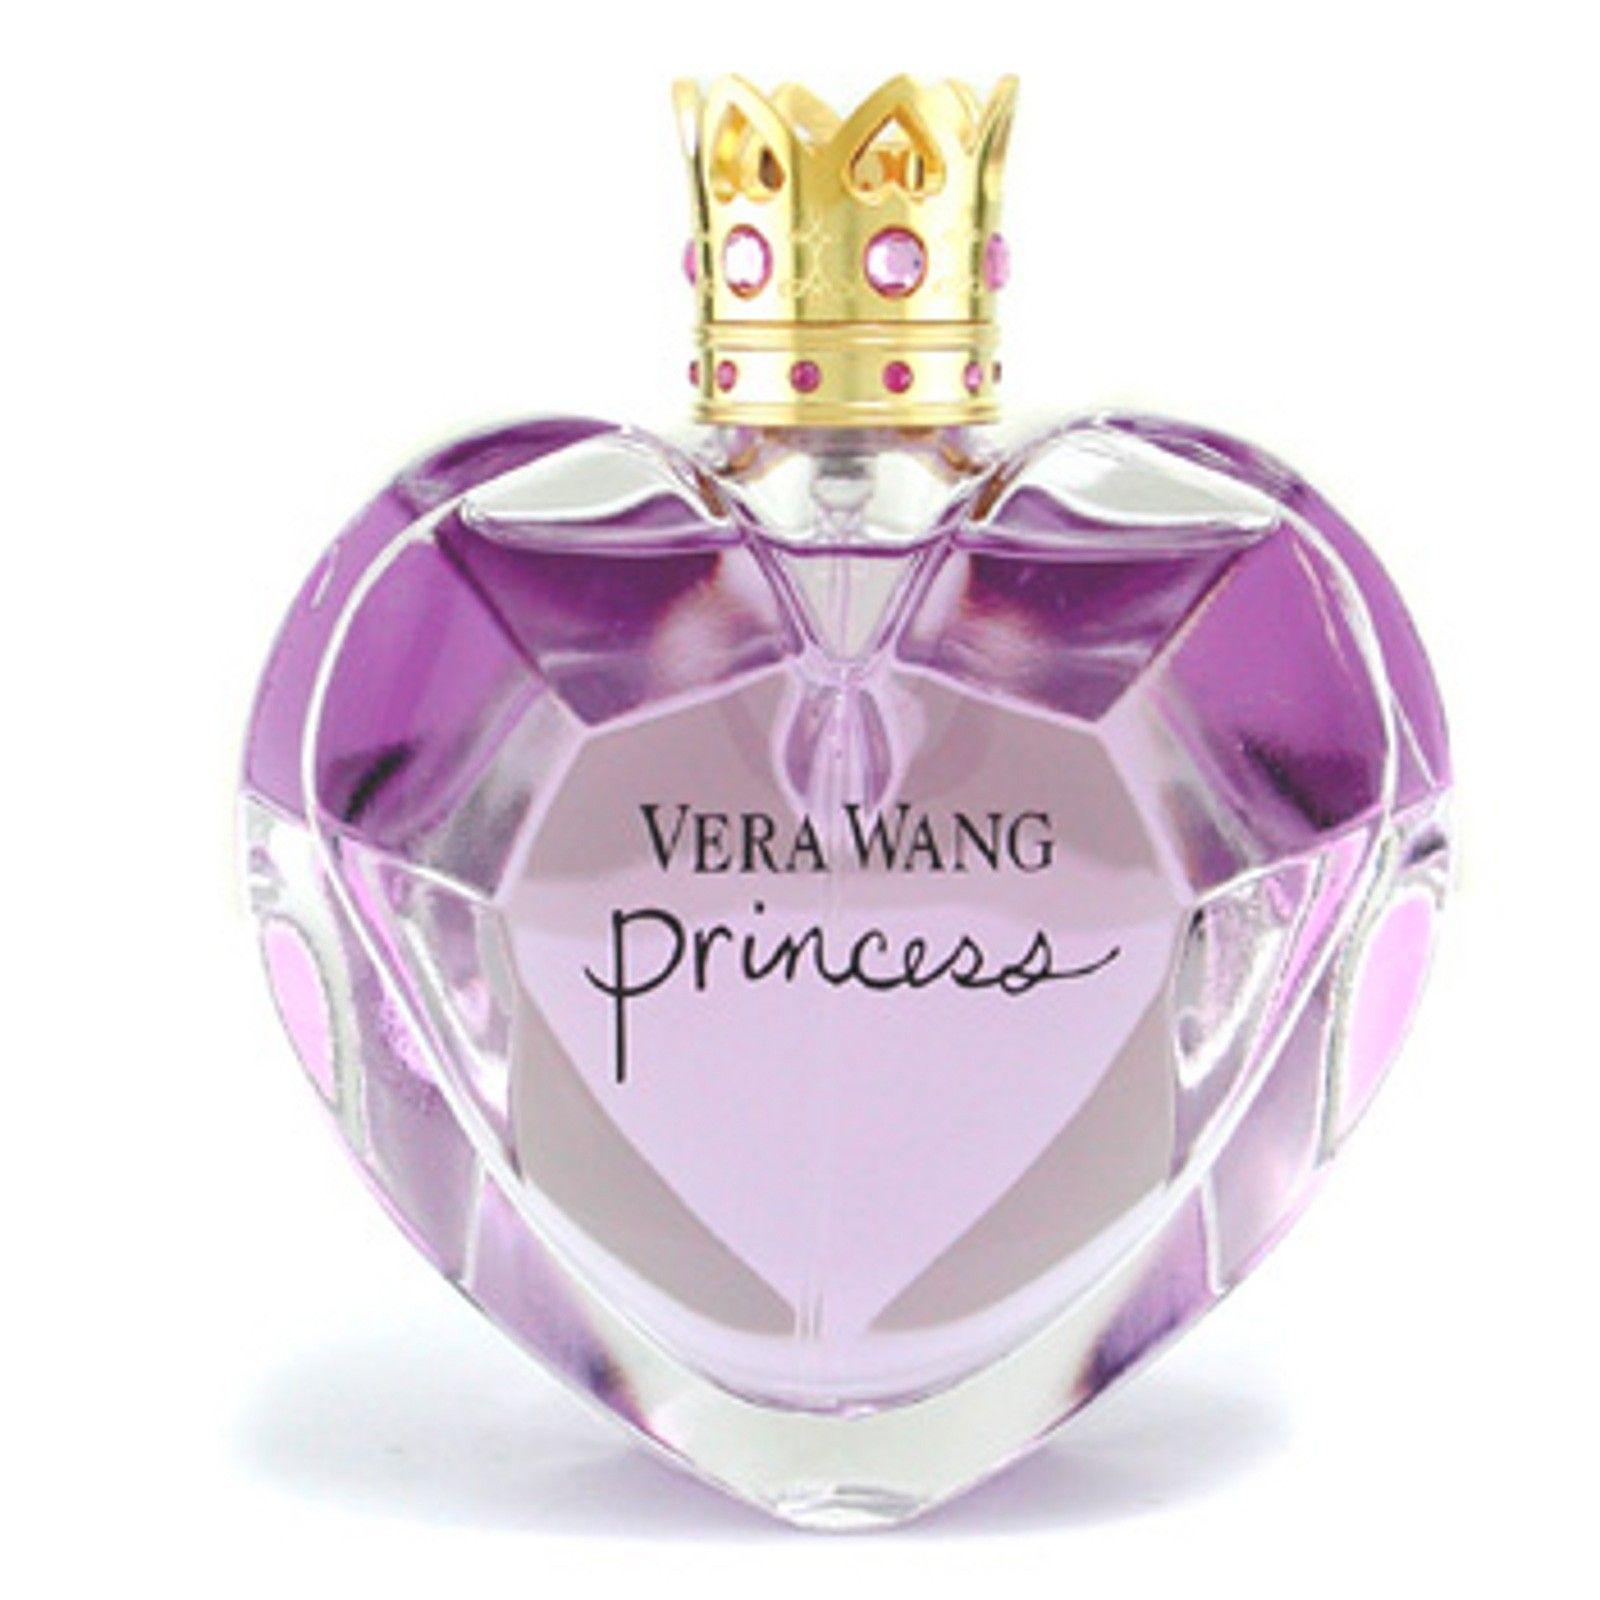 Vera Wang Perfume - Princess By Vera Wang Perfume 33